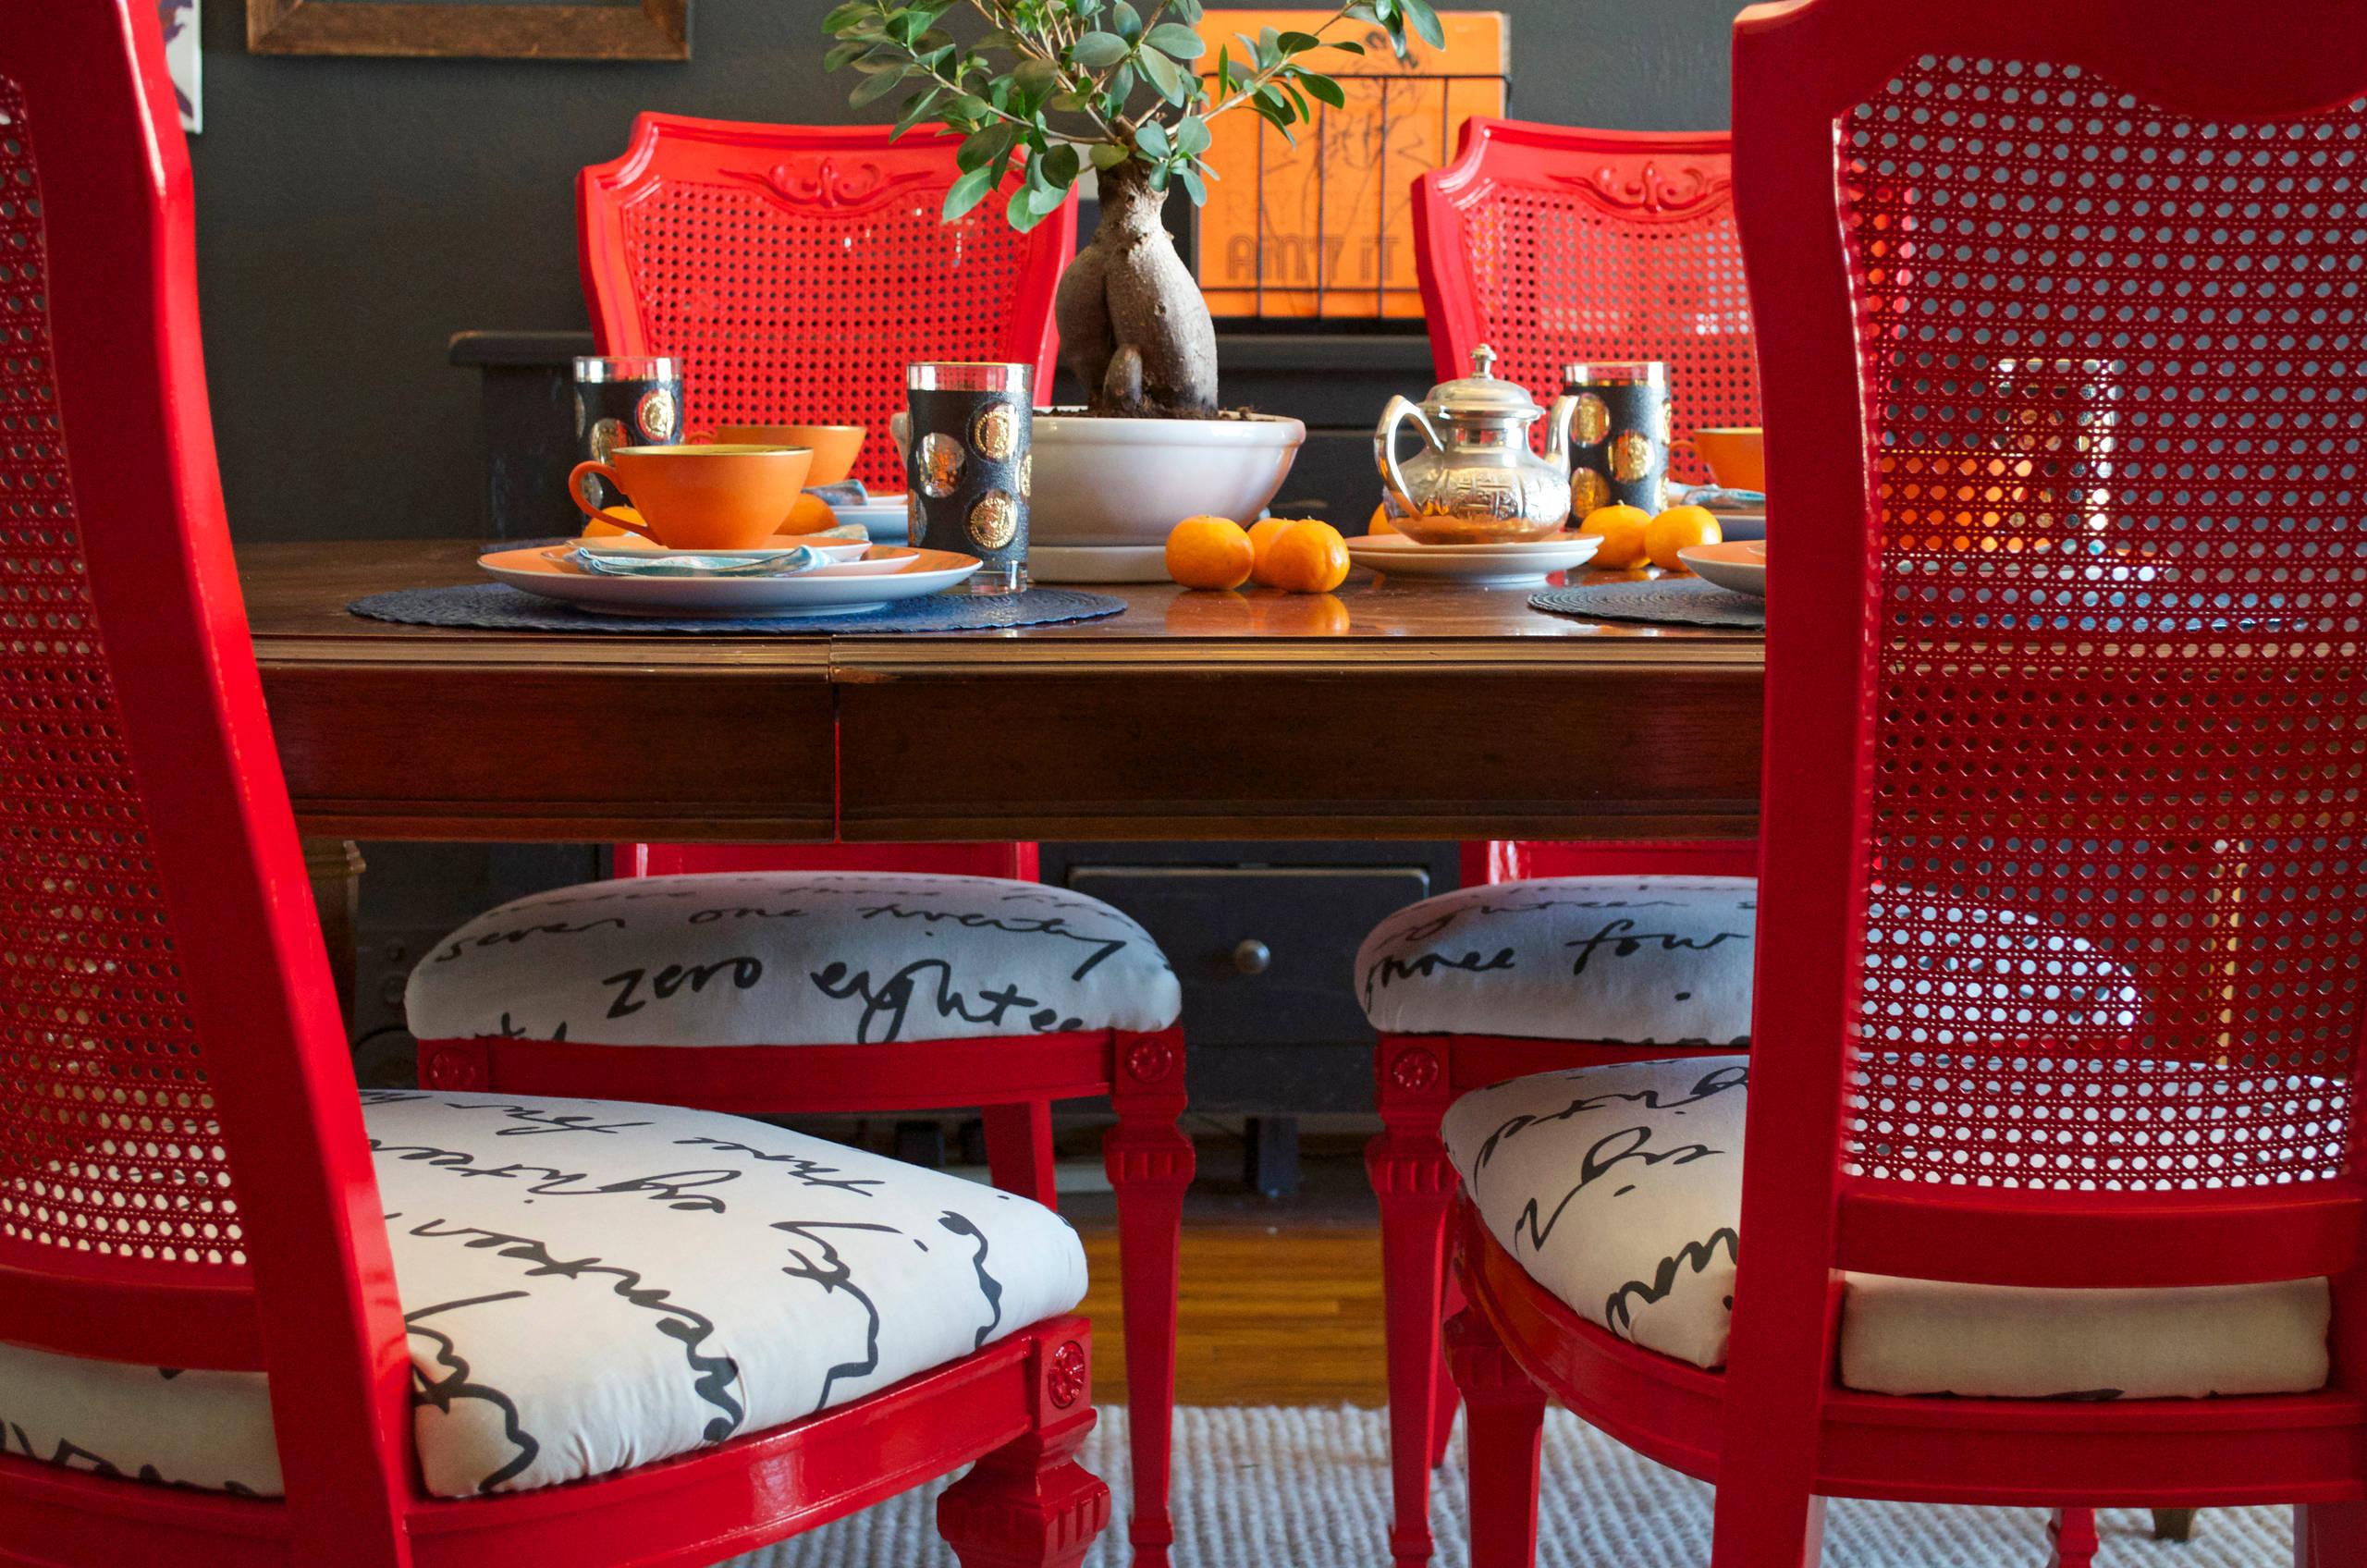 Тканый натуральный материал с принтом - яркий вариант для обивки стульев в столовой